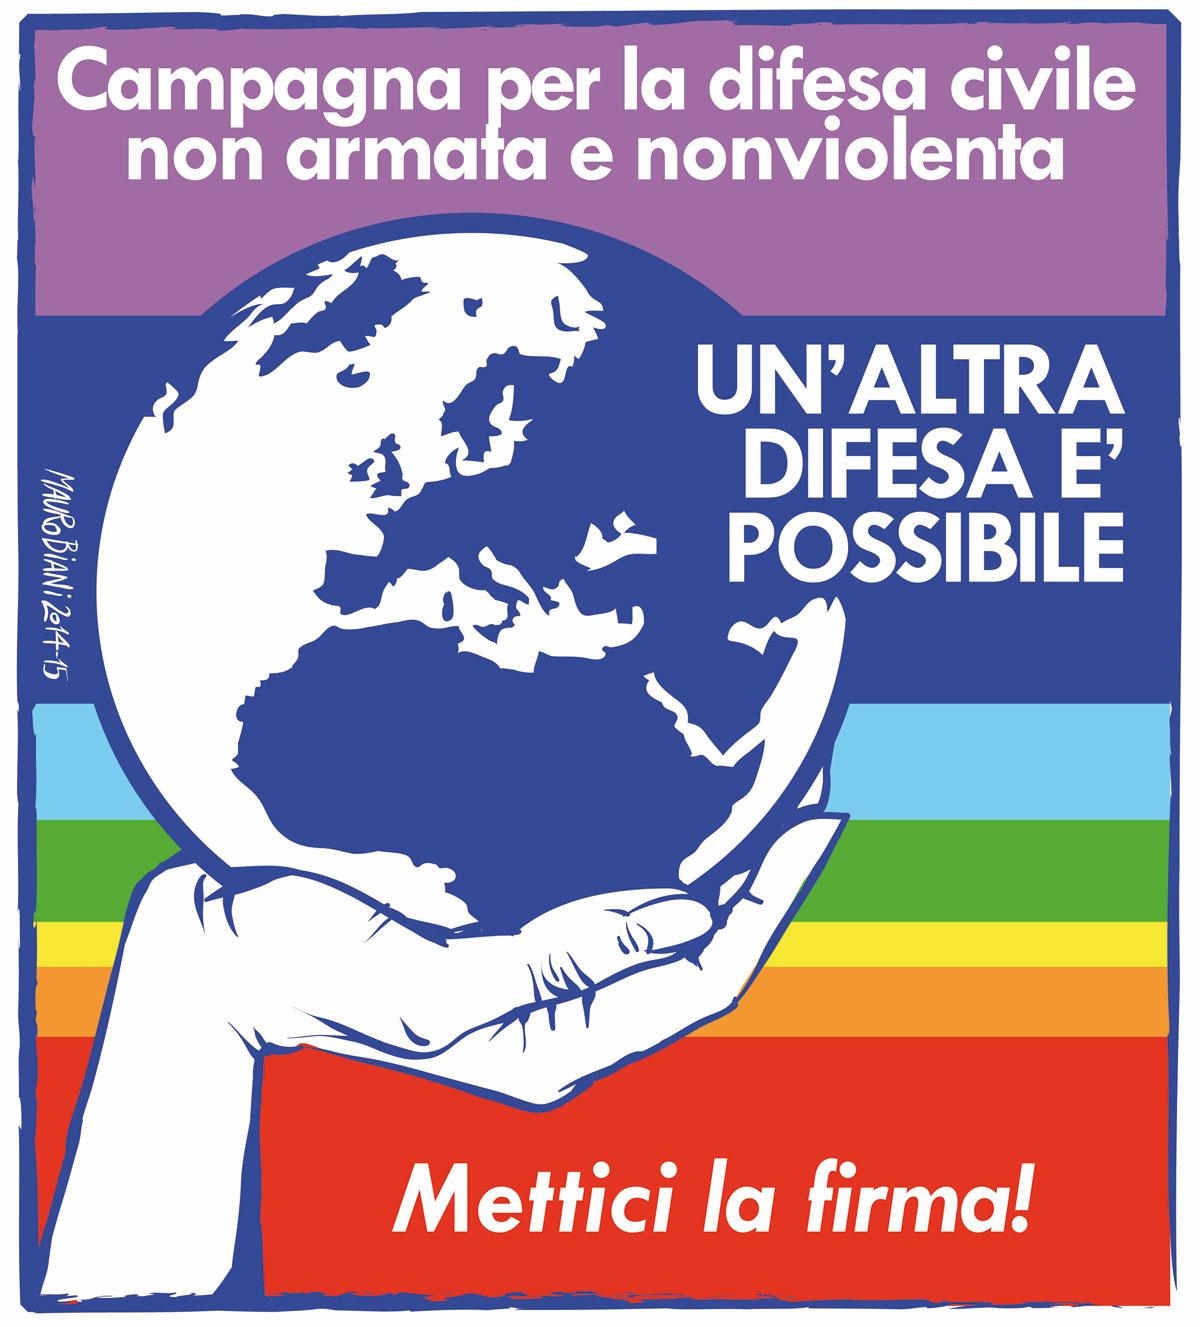 Logo della Campagna per la difesa civile non armata e nonviolenta